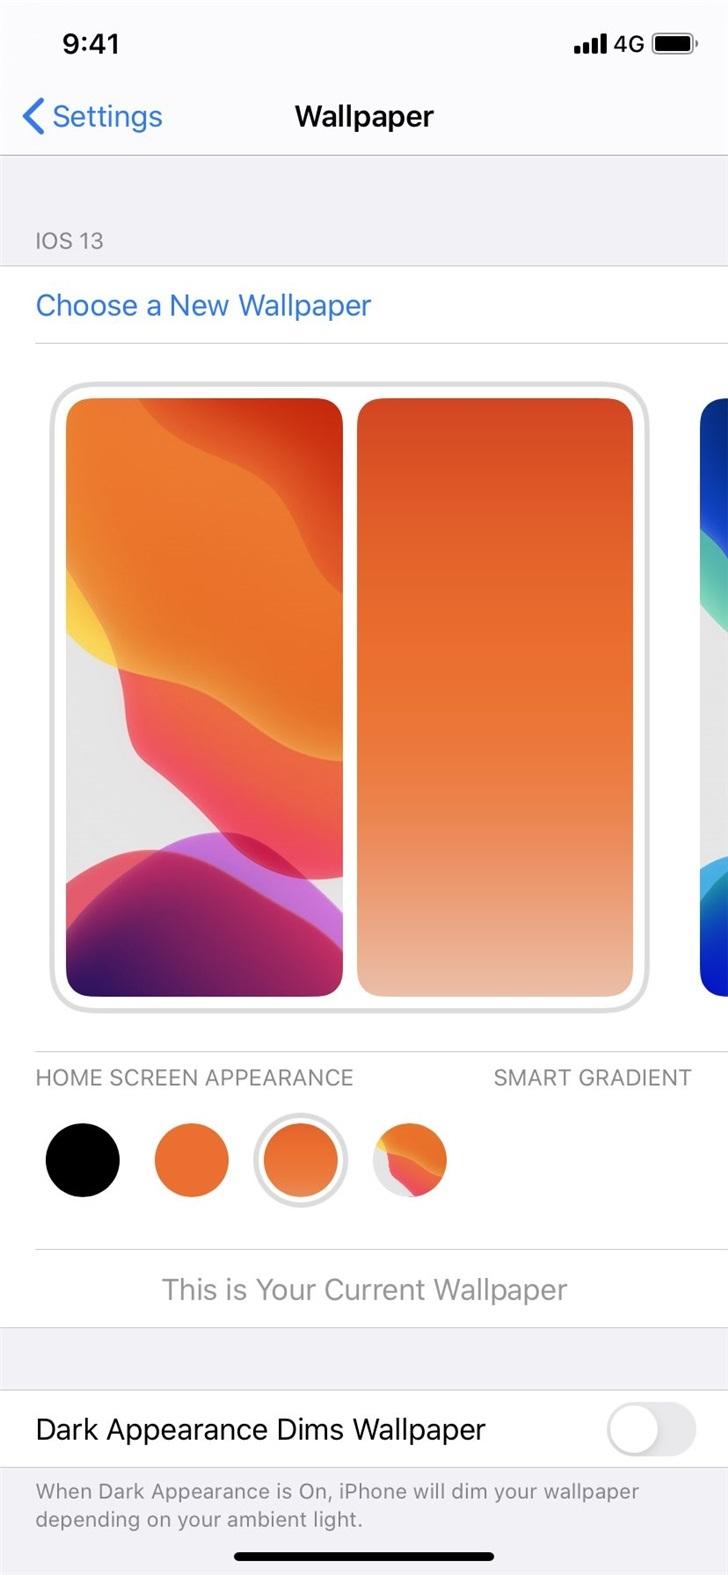 苹果iOS 14系统面板截图曝光:加入全新墙纸设置,或加入主屏小部件-狗破解-Go破解 GoPoJie.COM